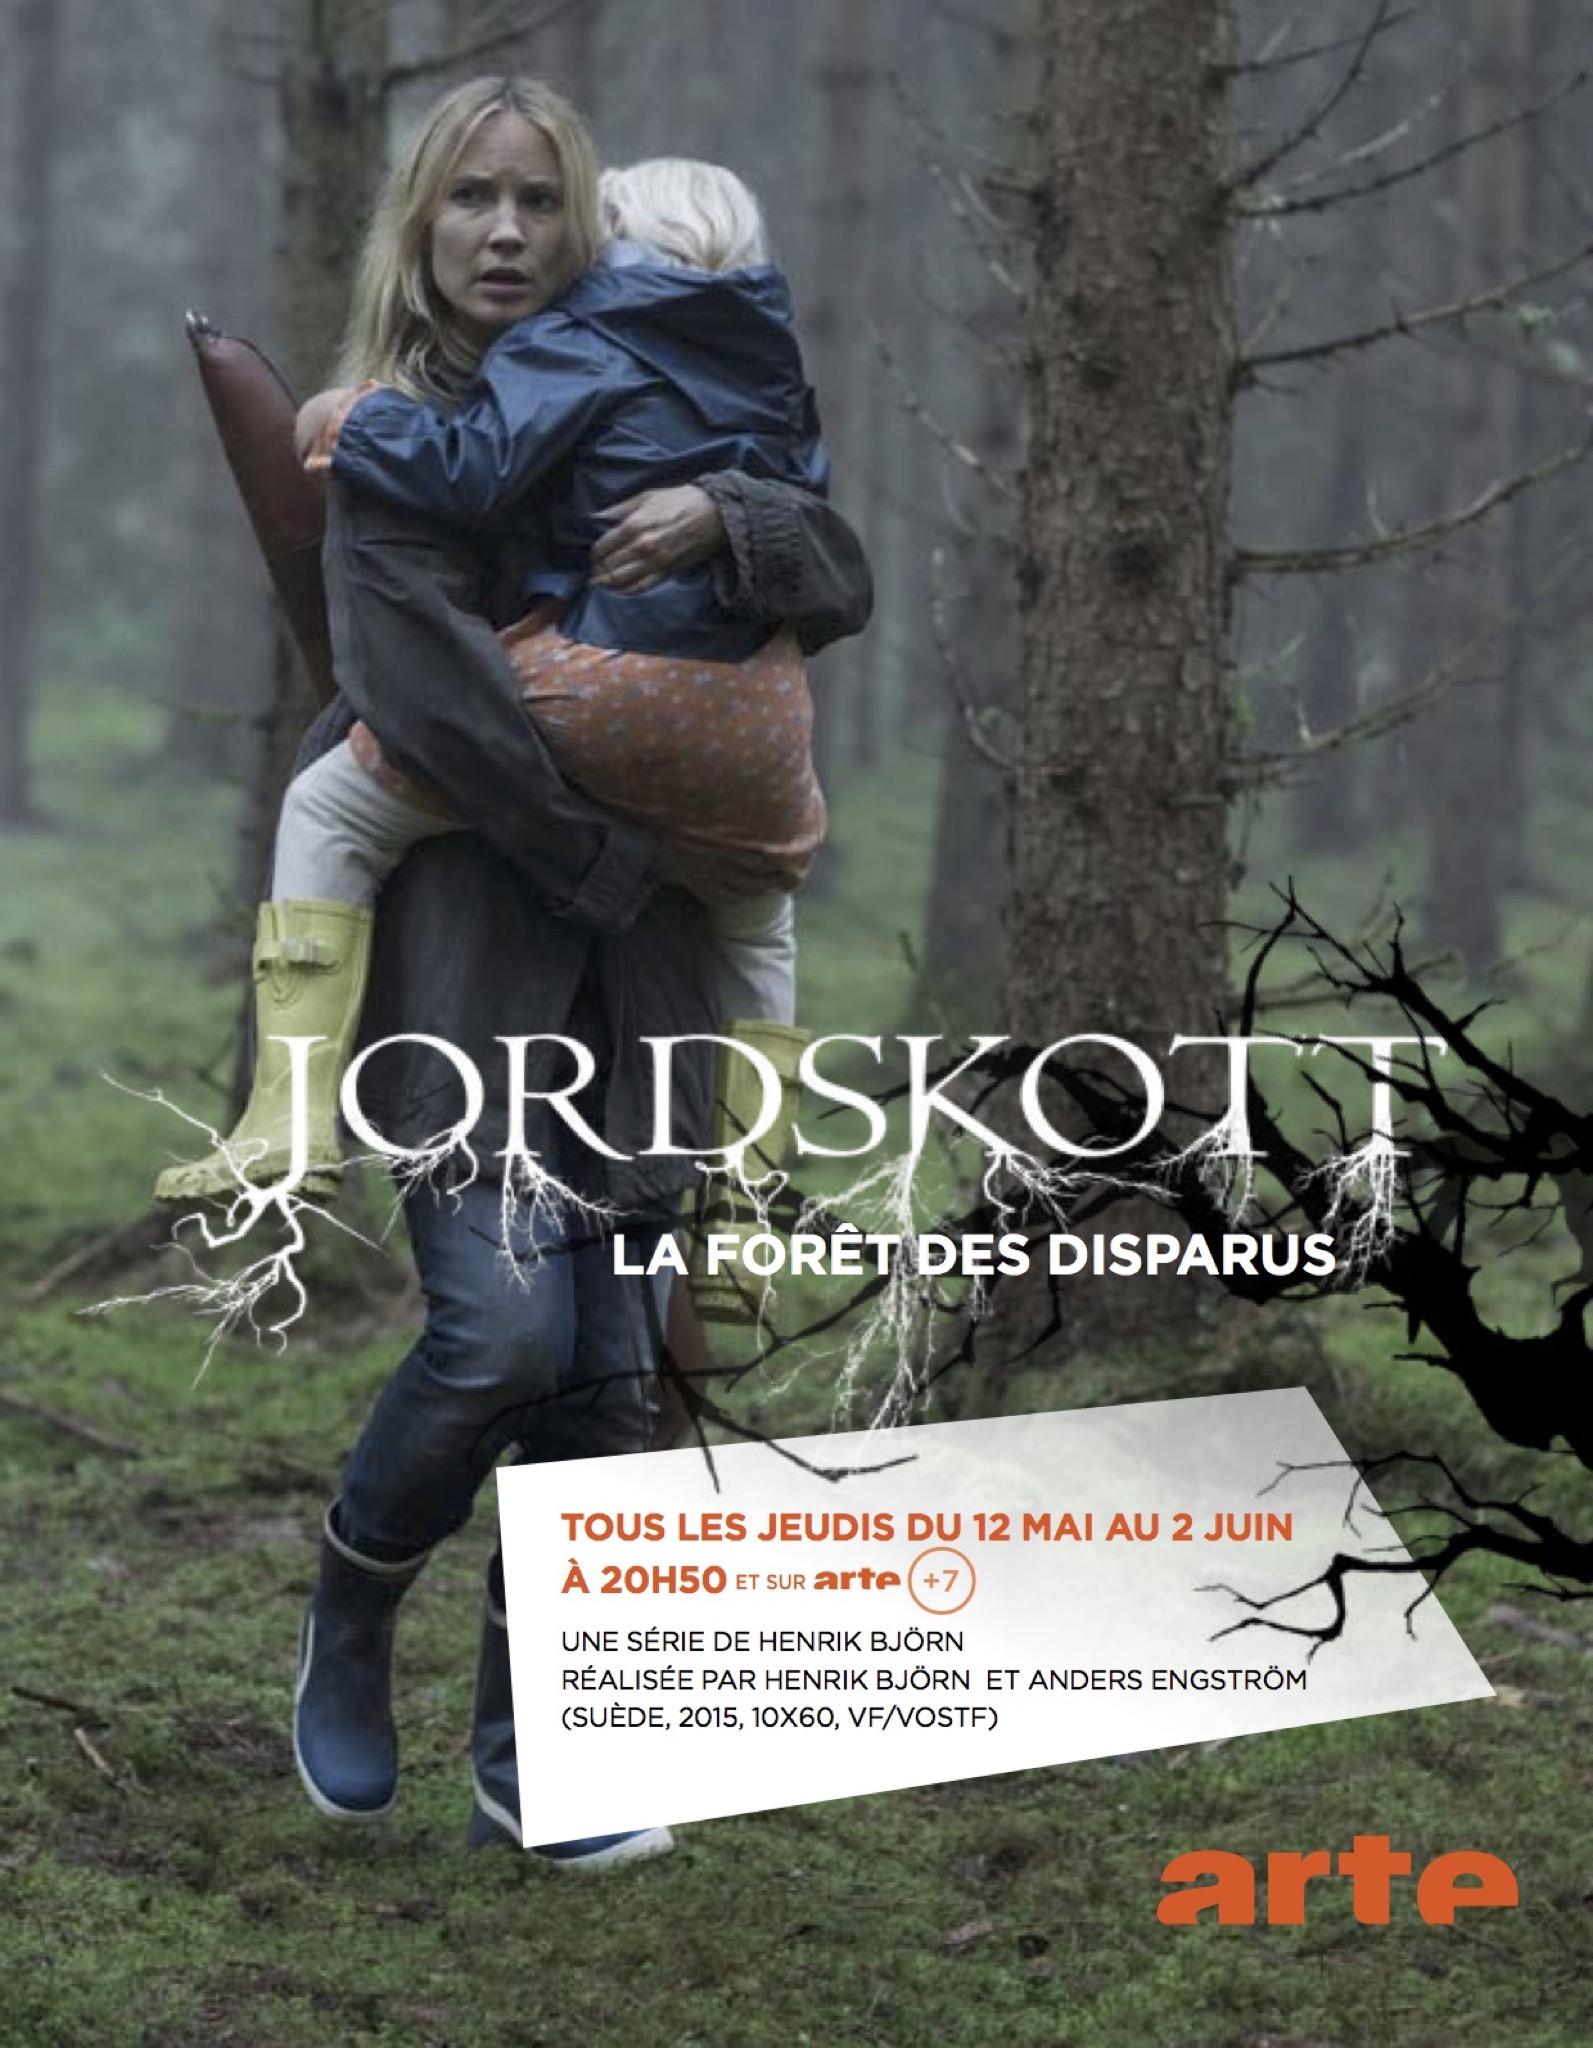 Jordskott la foret des disparus affiche